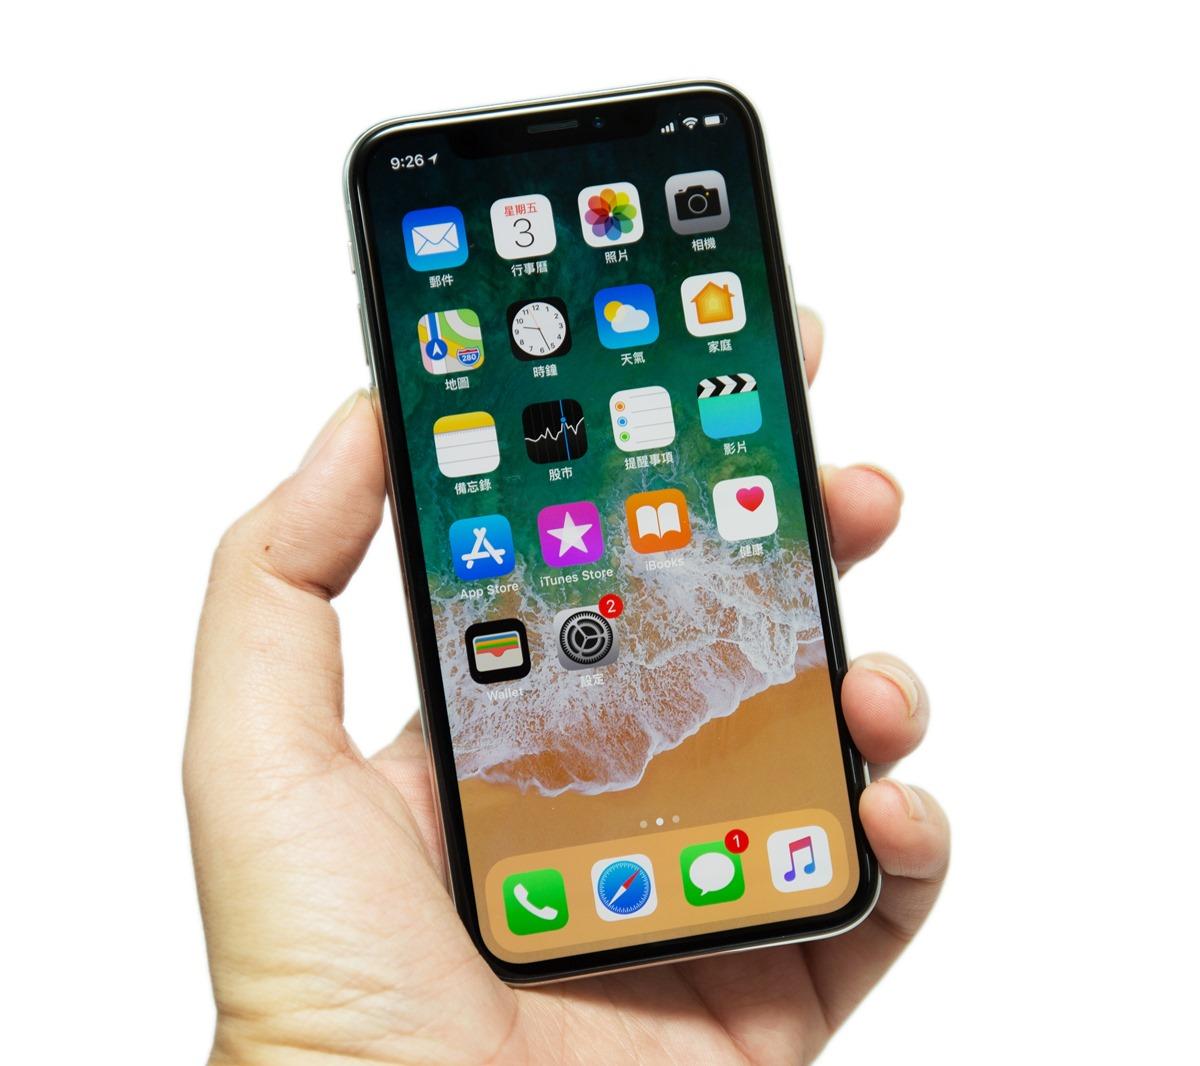 終於上市!臺版 iPhone X 開箱 (銀白色 + 太空灰 256GB 雙色開箱),看看盒中有什麼?( iPhone X unboxing) – 3C 達人廖阿輝